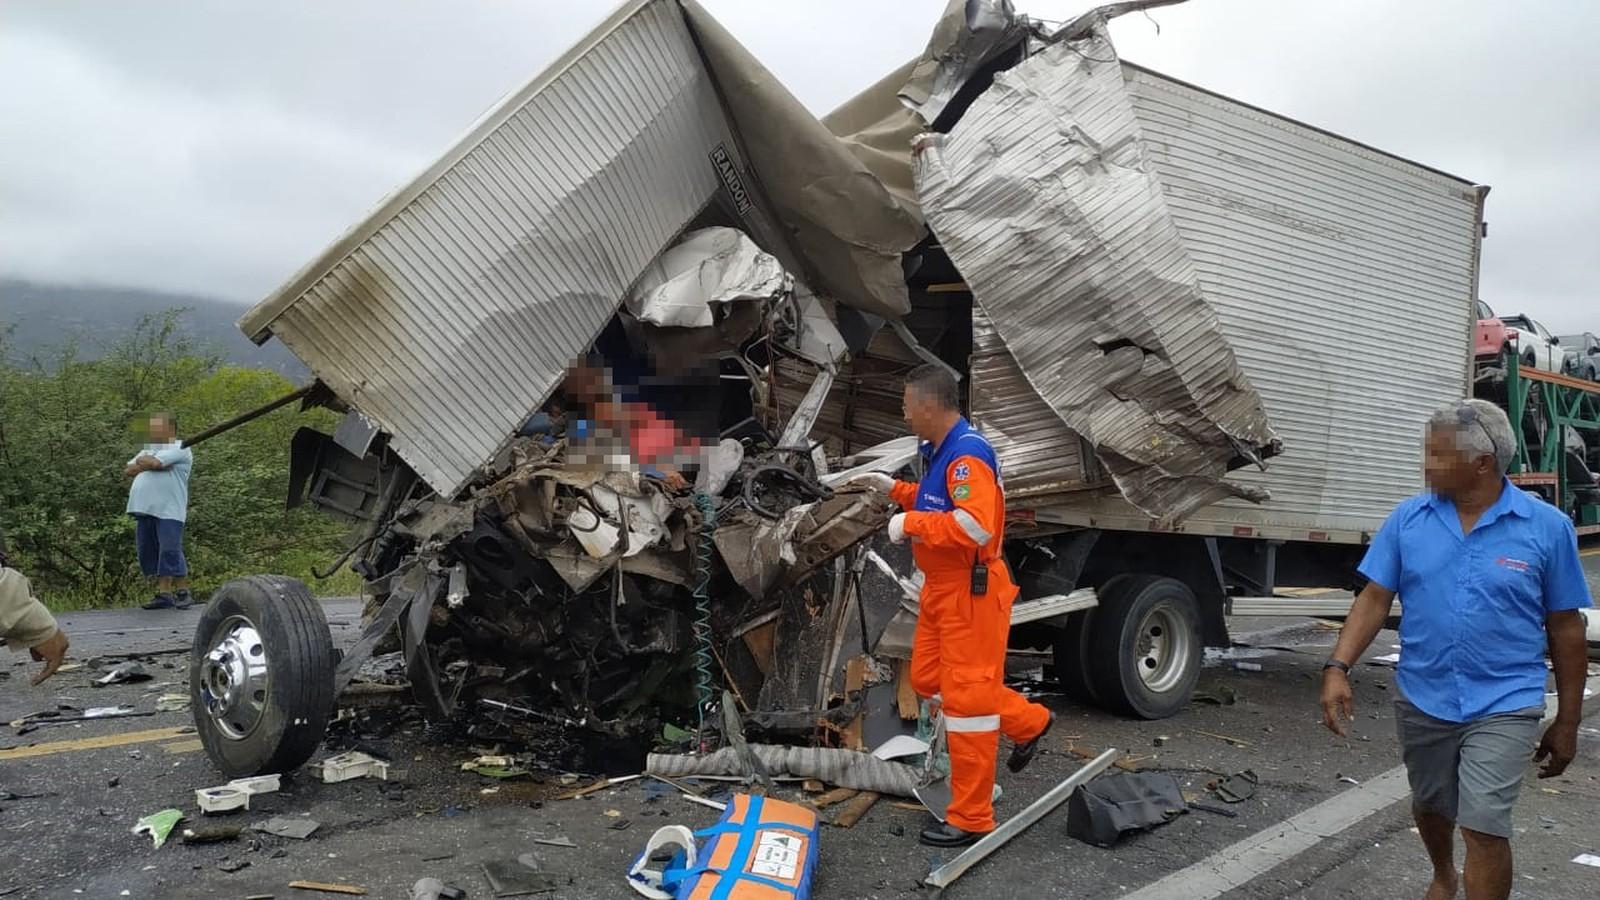 Acidente envolvendo caminhão da banda de Léo Santana deixa mortos na Bahia 3